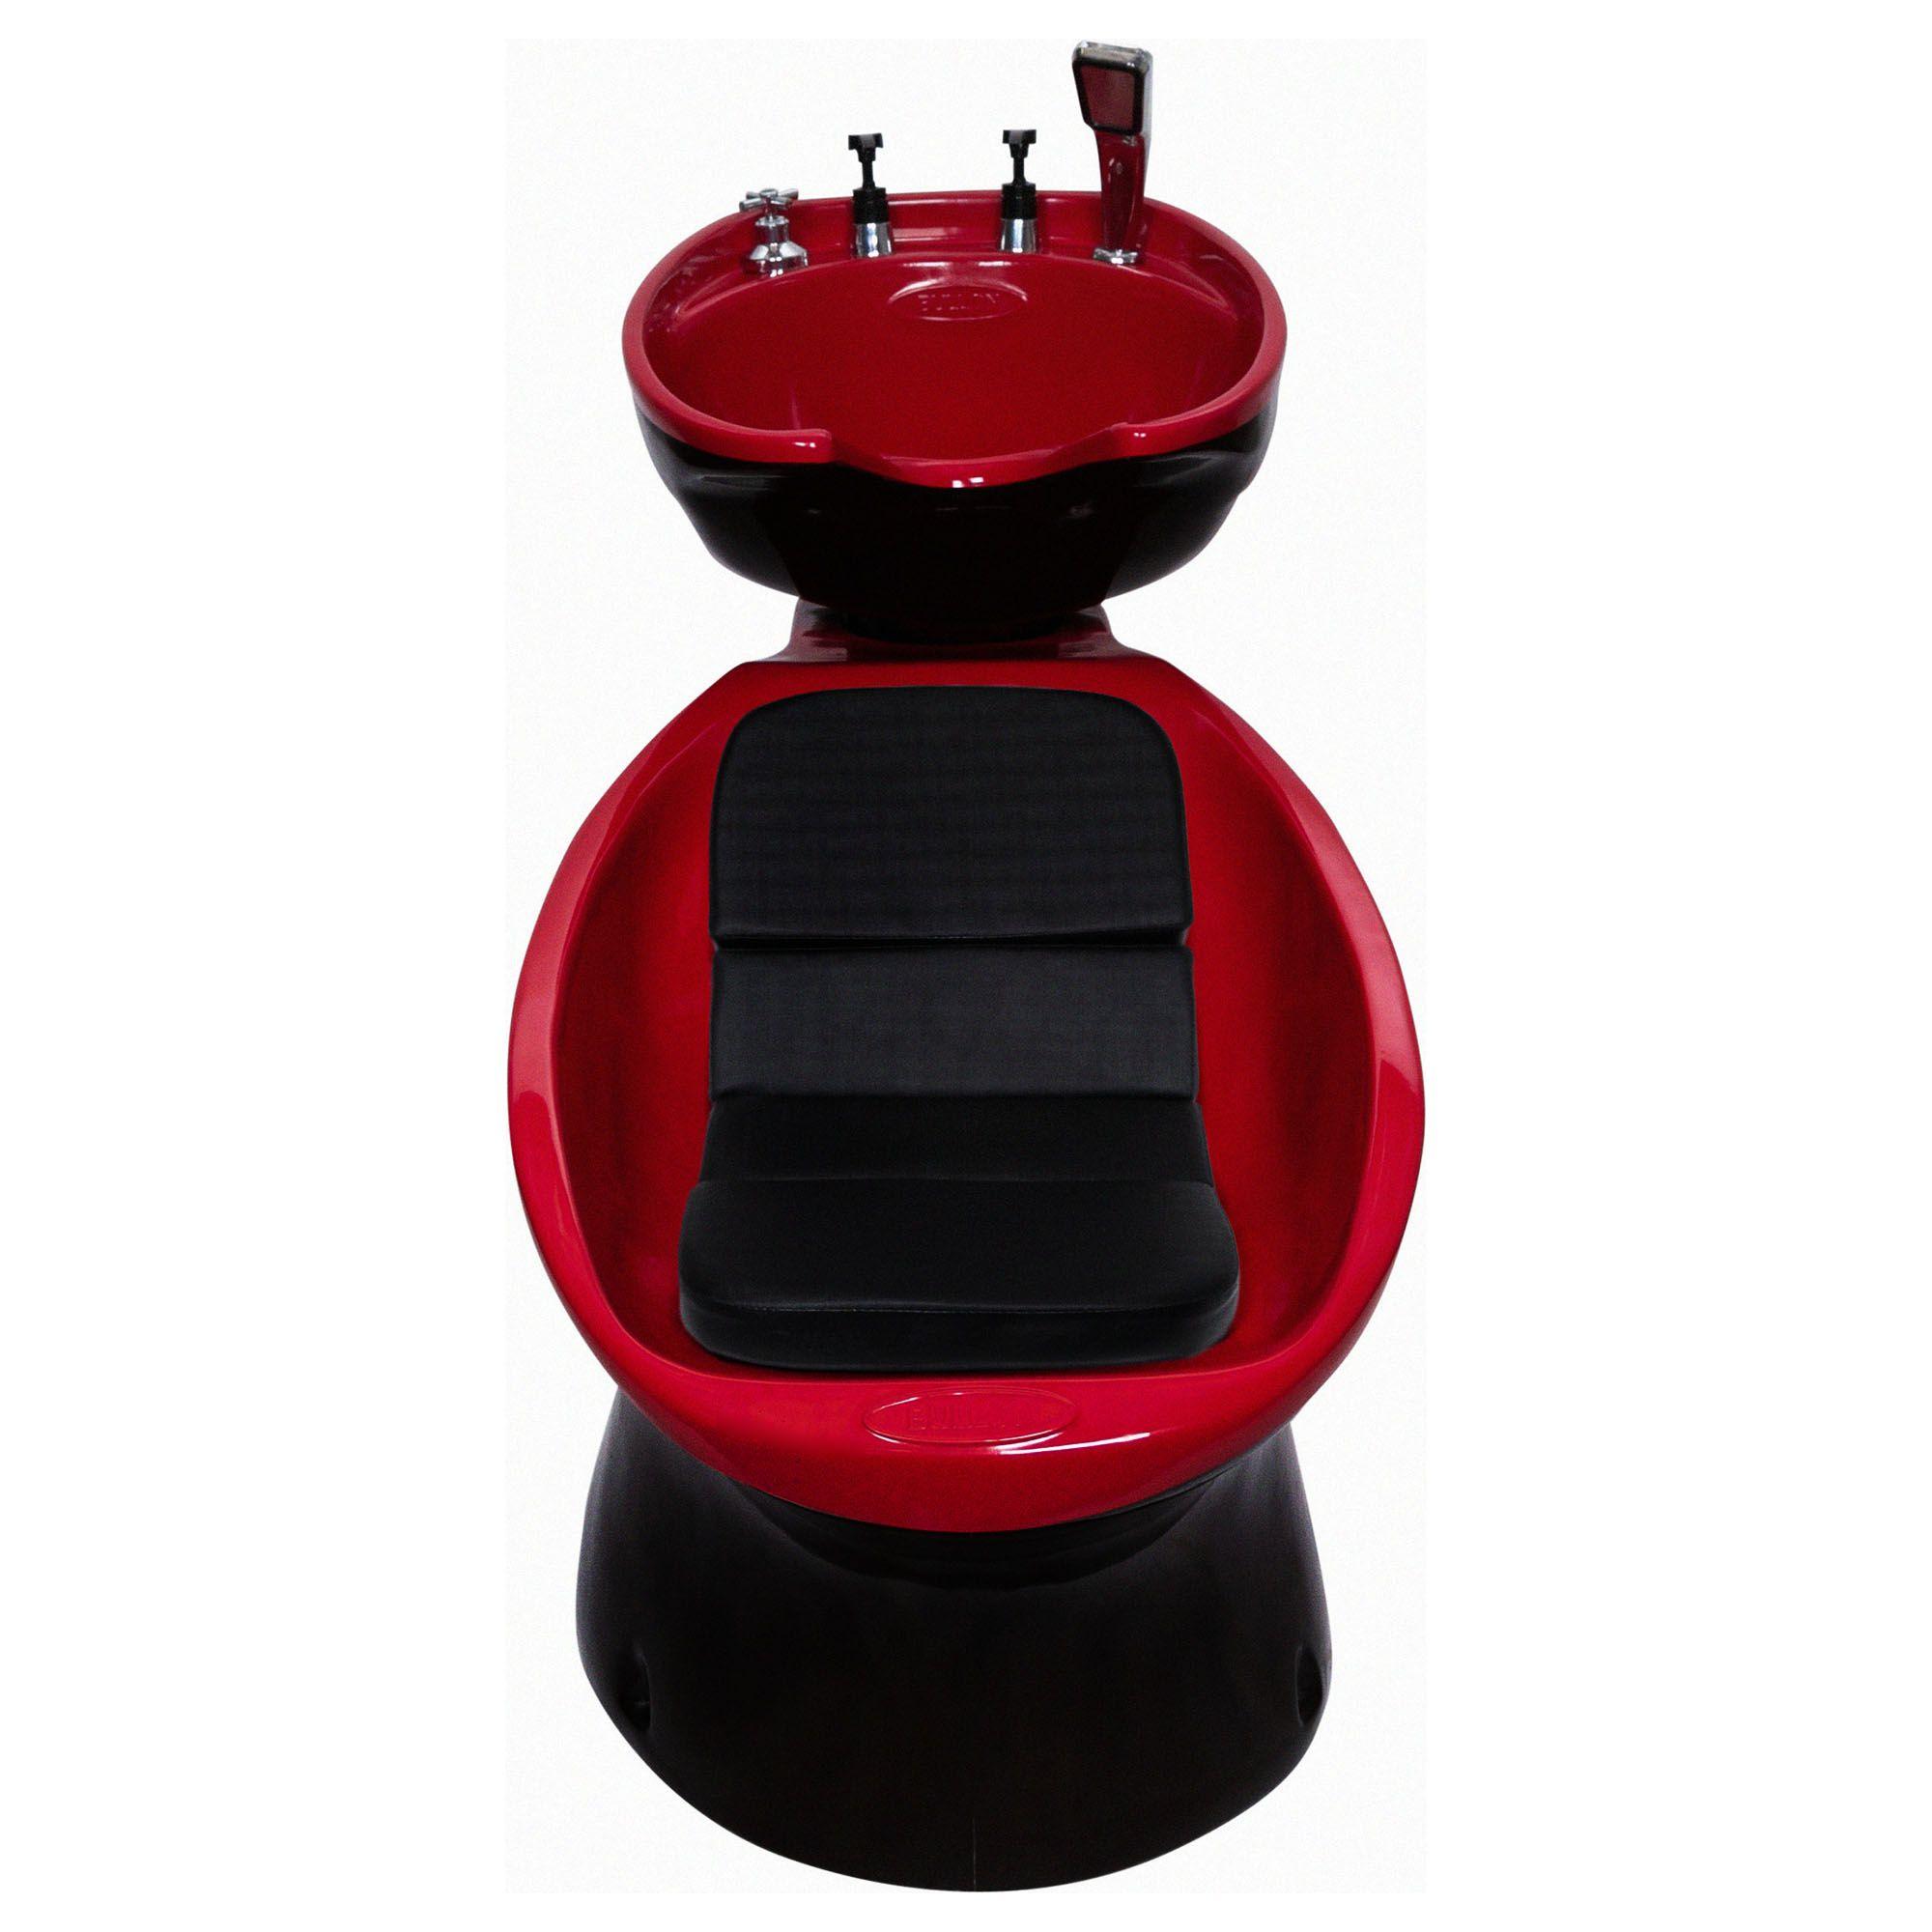 Lavatório Neon Shampoo Retro - Preto e Vermelho